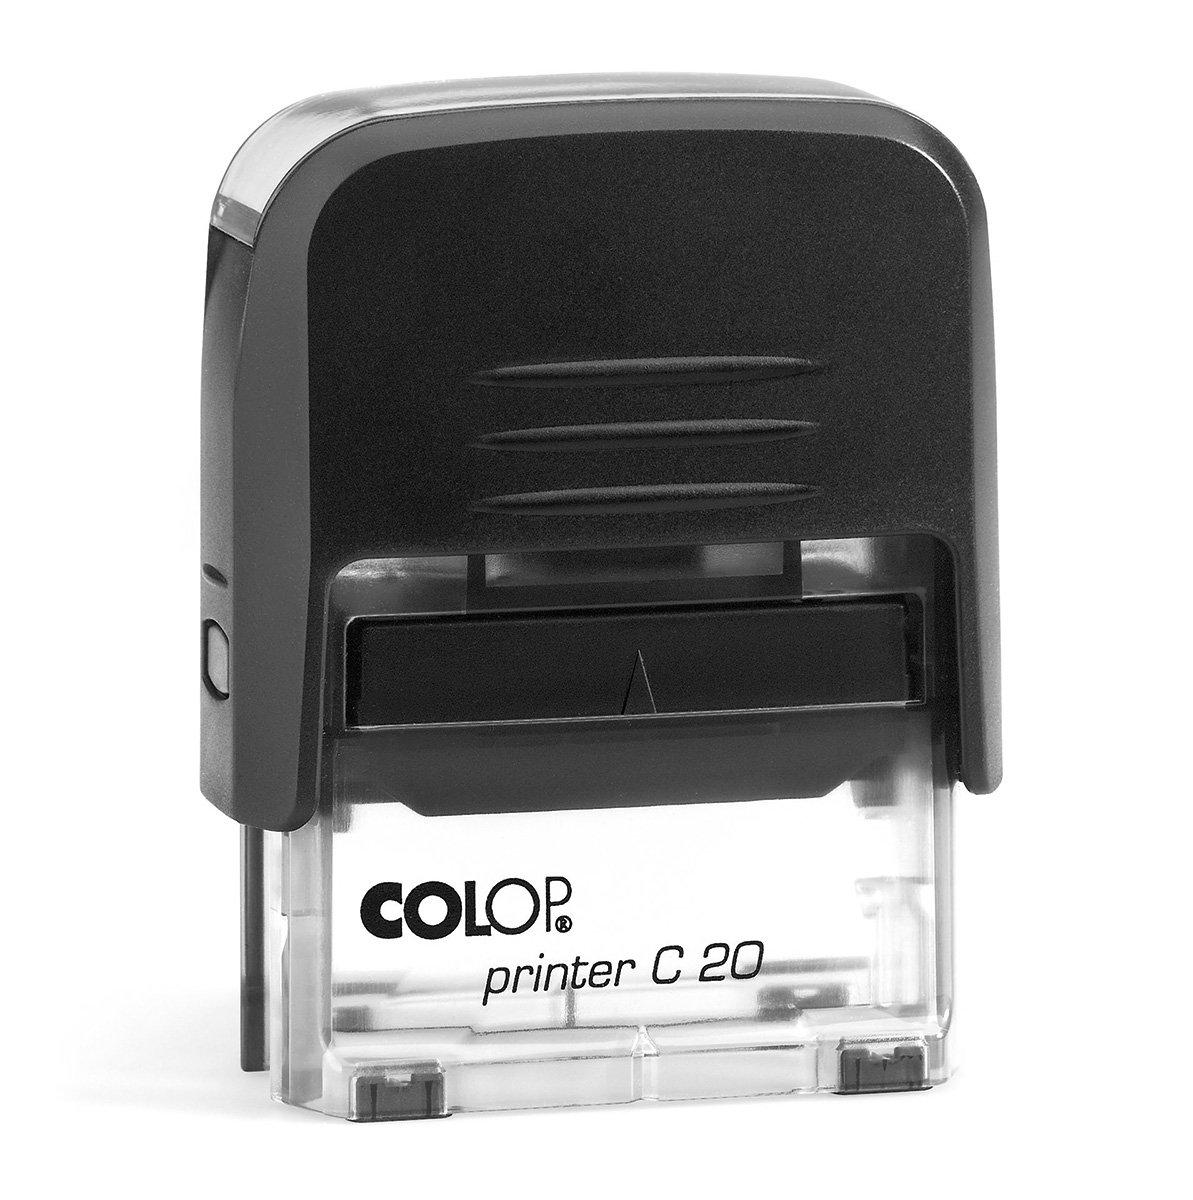 Timbro PER QUIETANZA Autoinchiostrante Pronto alluso con Testo personalizzato Modello Colop Printer C 20 Commerciale Ufficio Scuola Lavoro Inchiostro disponibile in 3 colori TAMPONE NERO